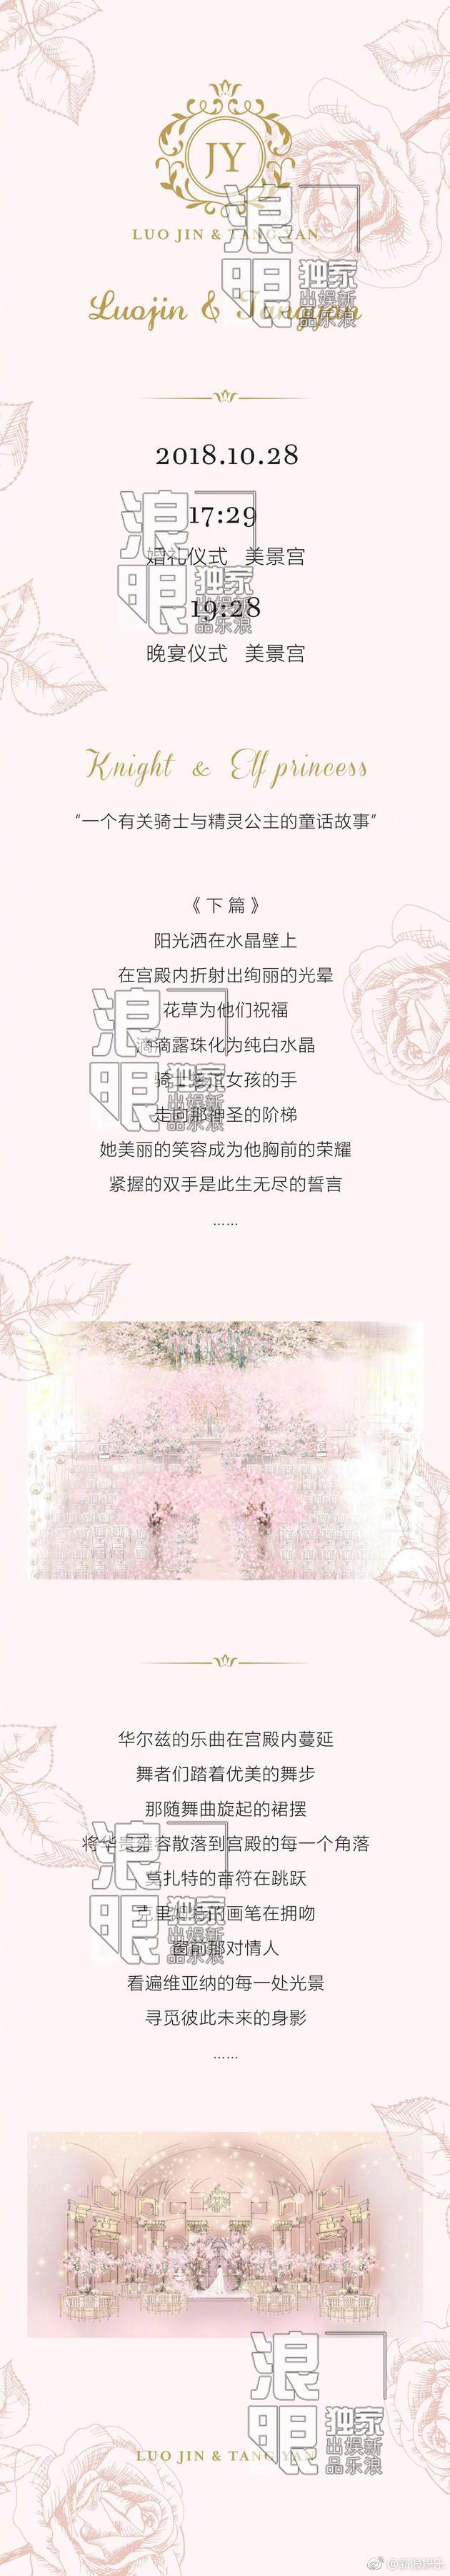 Cập nhật đám cưới Đường Yên – La Tấn: Bố mẹ cô dâu cùng khách mời VIP xuất hiện bên ngoài cung điện Belvedere